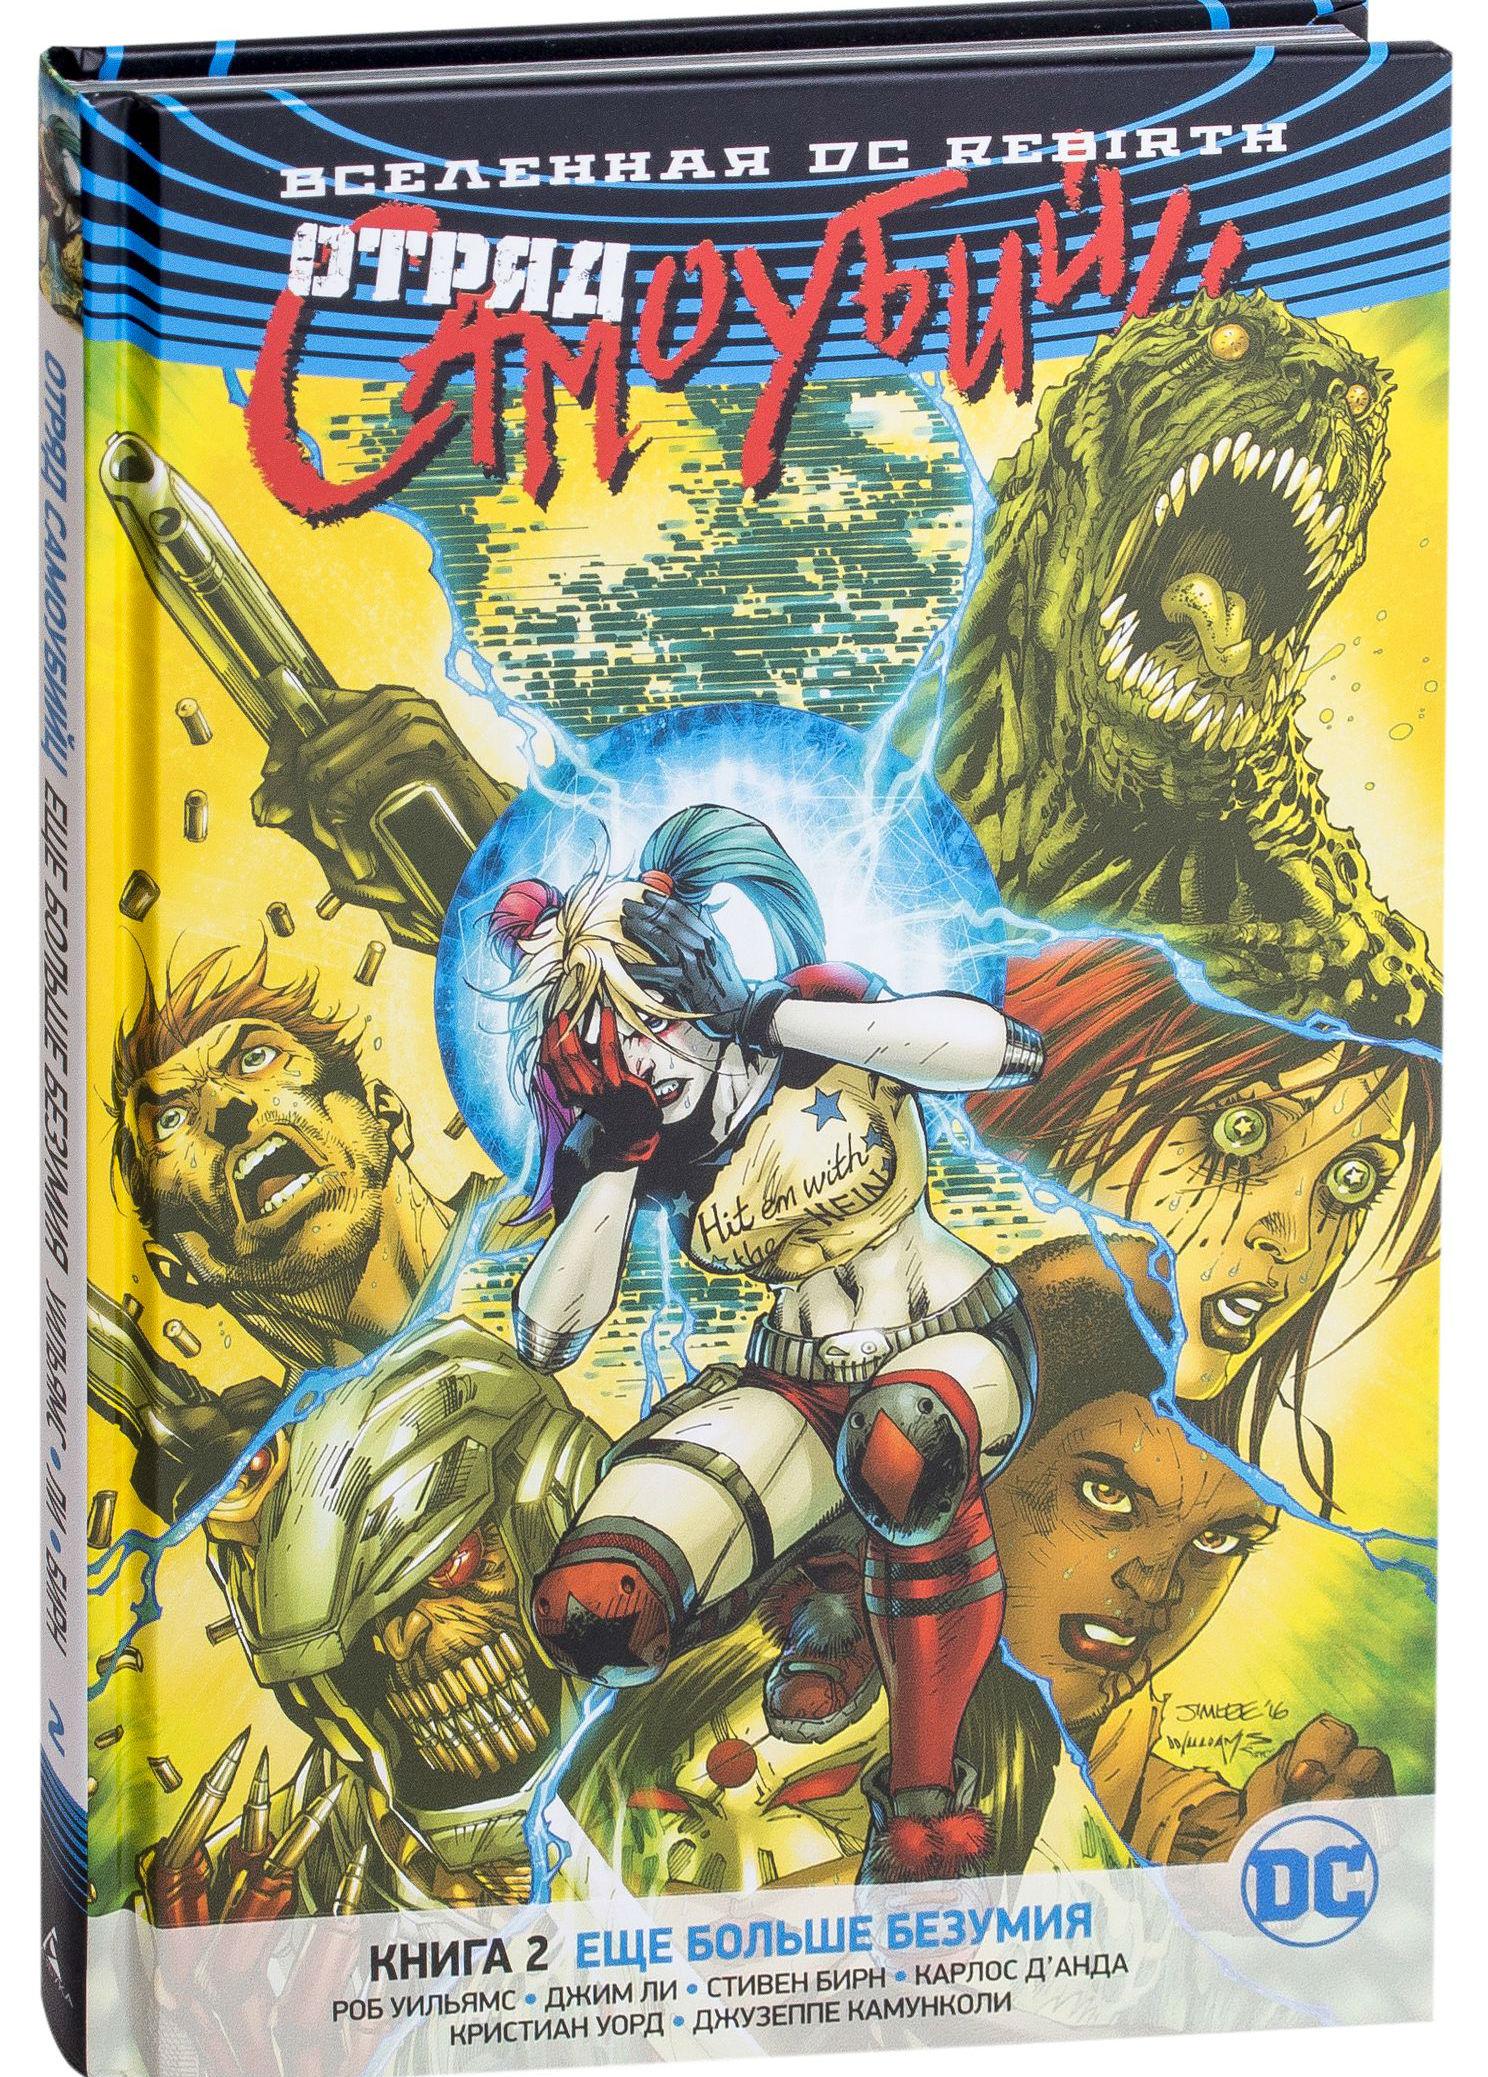 Купить Вселенная DC. Rebirth. Отряд Самоубийц. Книга 2. Еще больше безумия, Роб Уильямс, 978-5-389-14588-7